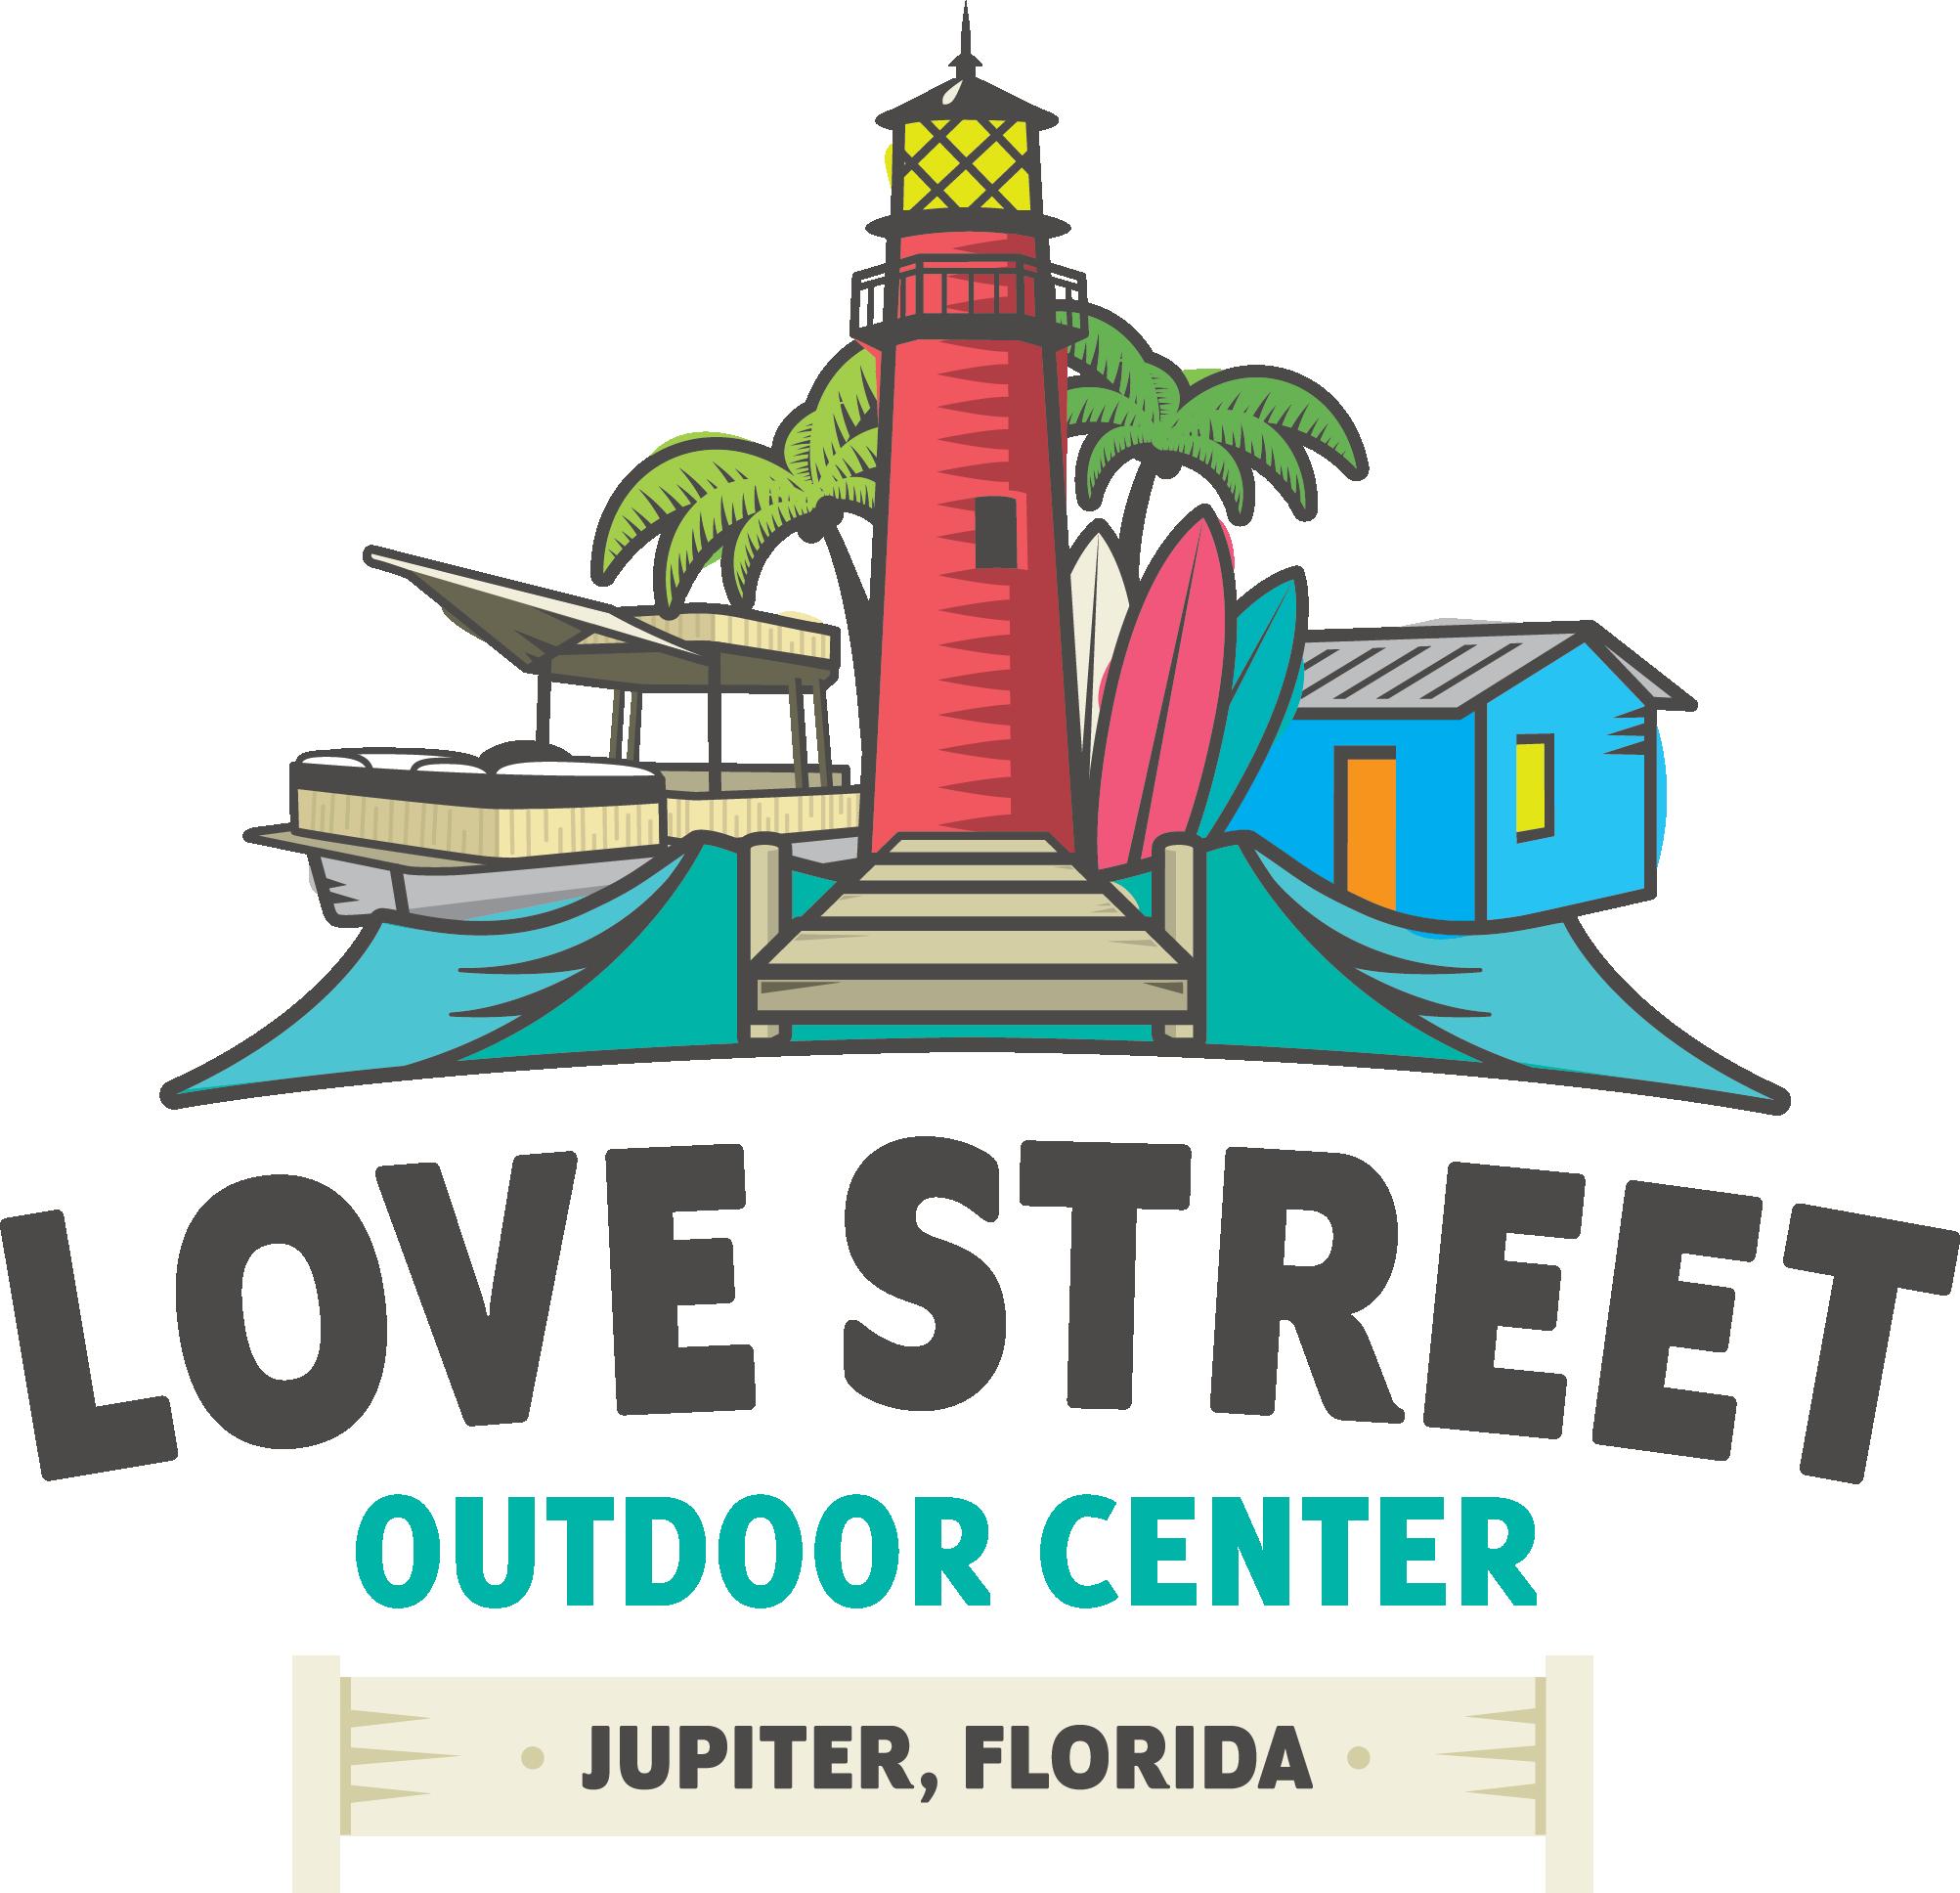 Love Street Outdoor Center